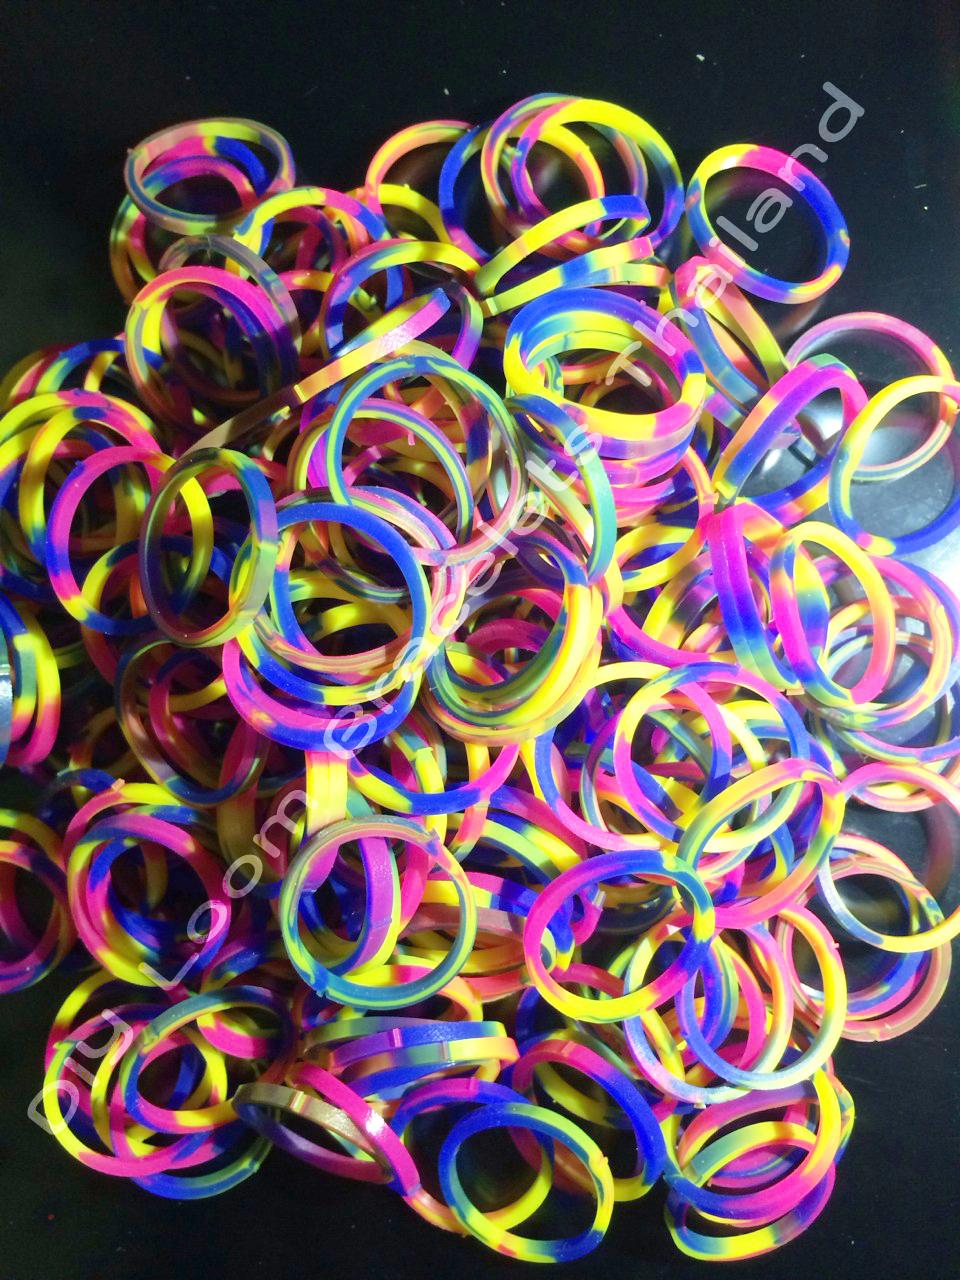 ยางถัก 100% ซิลิโคน Tie Die 3 Colors Loom Bands 600 เส้น ( T3C)